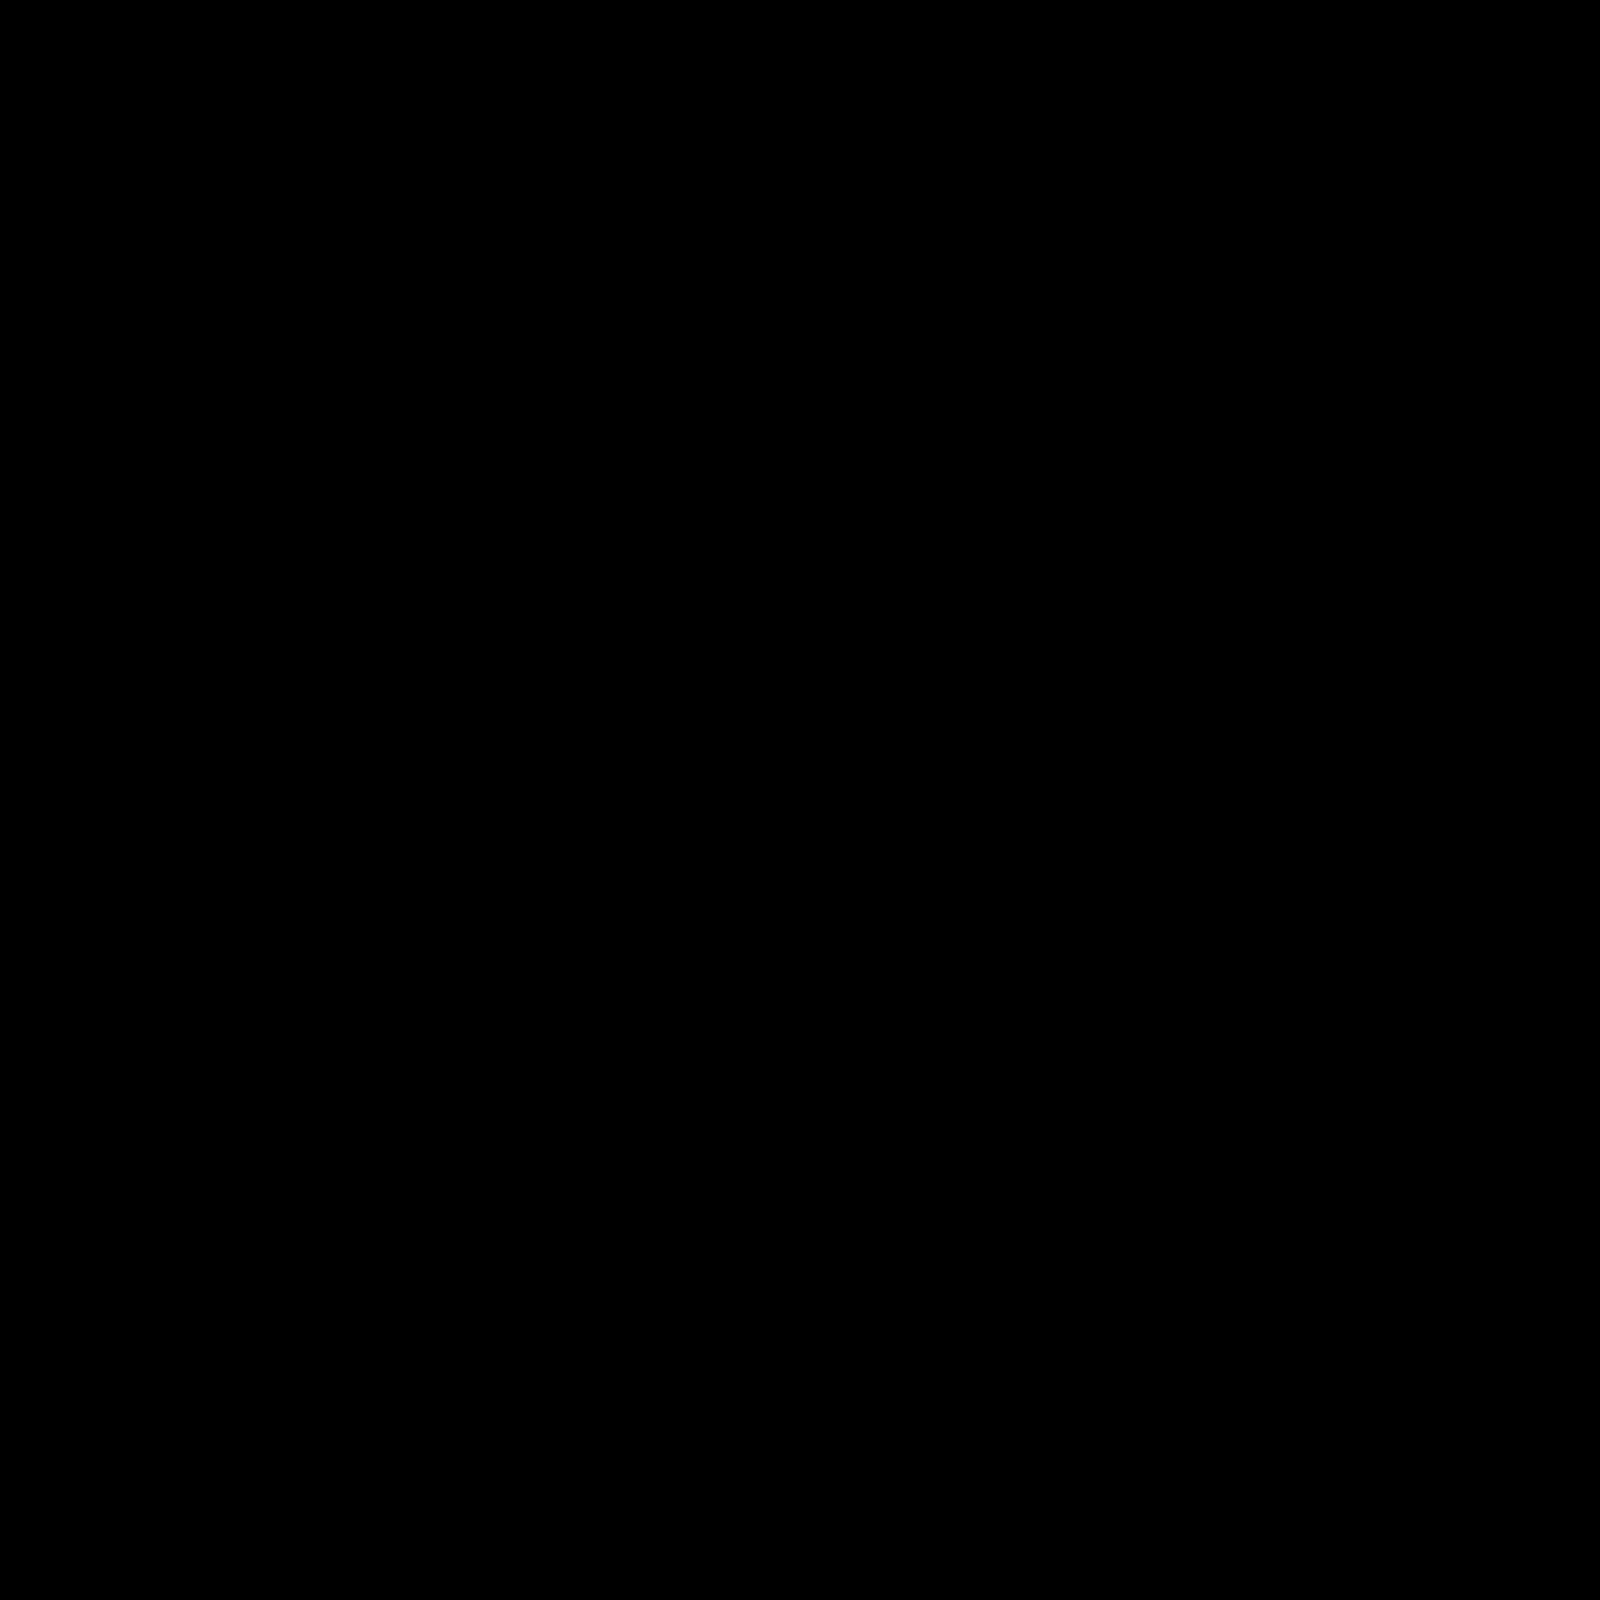 やり直し icon. This is a picture of a right pointing arrow. The bottom of the arrow isn't congruent with the rest of it; it's facing downward and coming from the bottom right hand side.